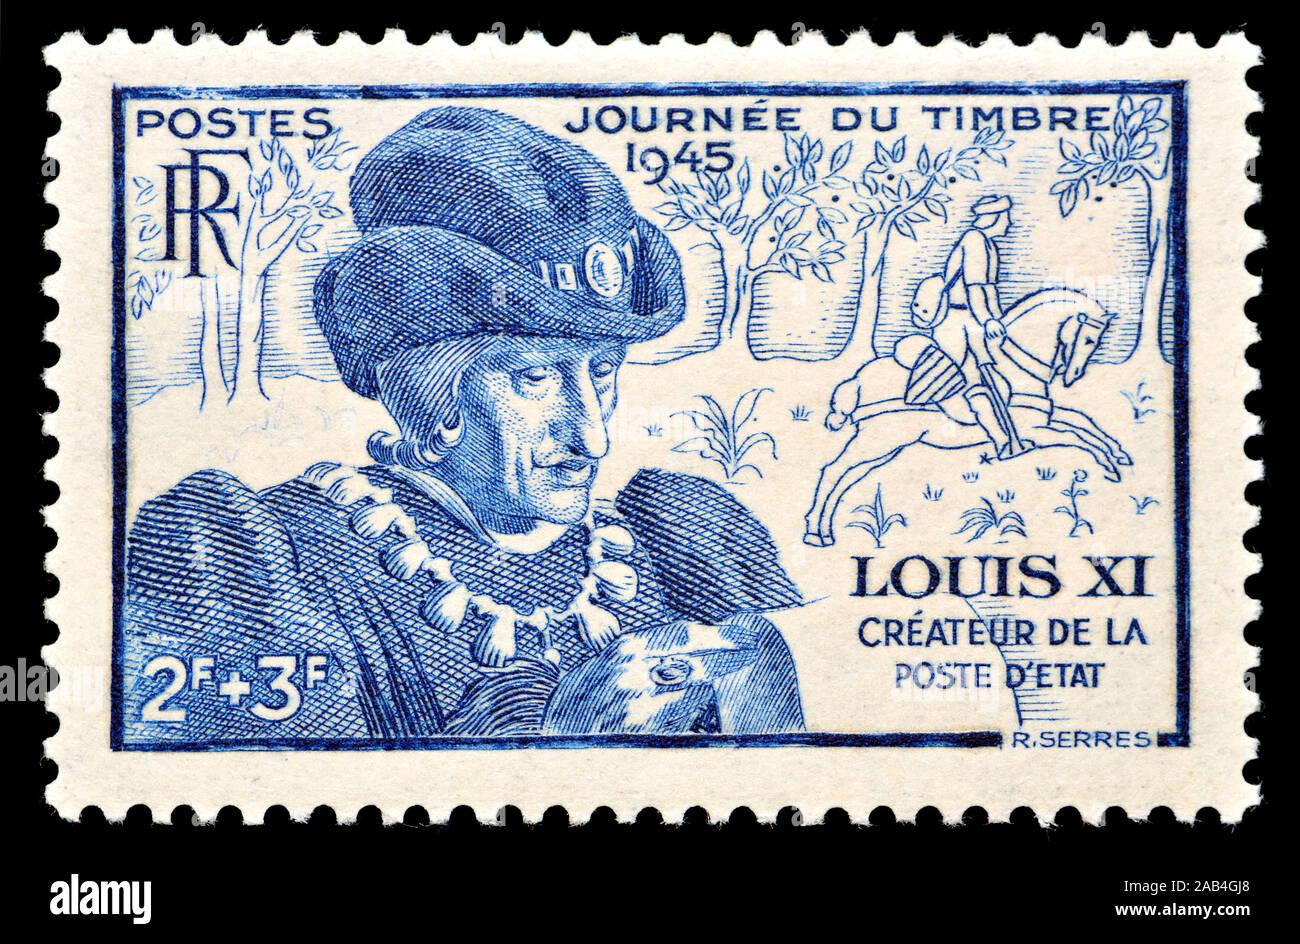 """Il francese francobollo (1945) : il re Luigi XI (1423 - 1483) 'Louis la prudente"""" (le) prudente, re di Francia dal 1461 al 1483. Foto Stock"""